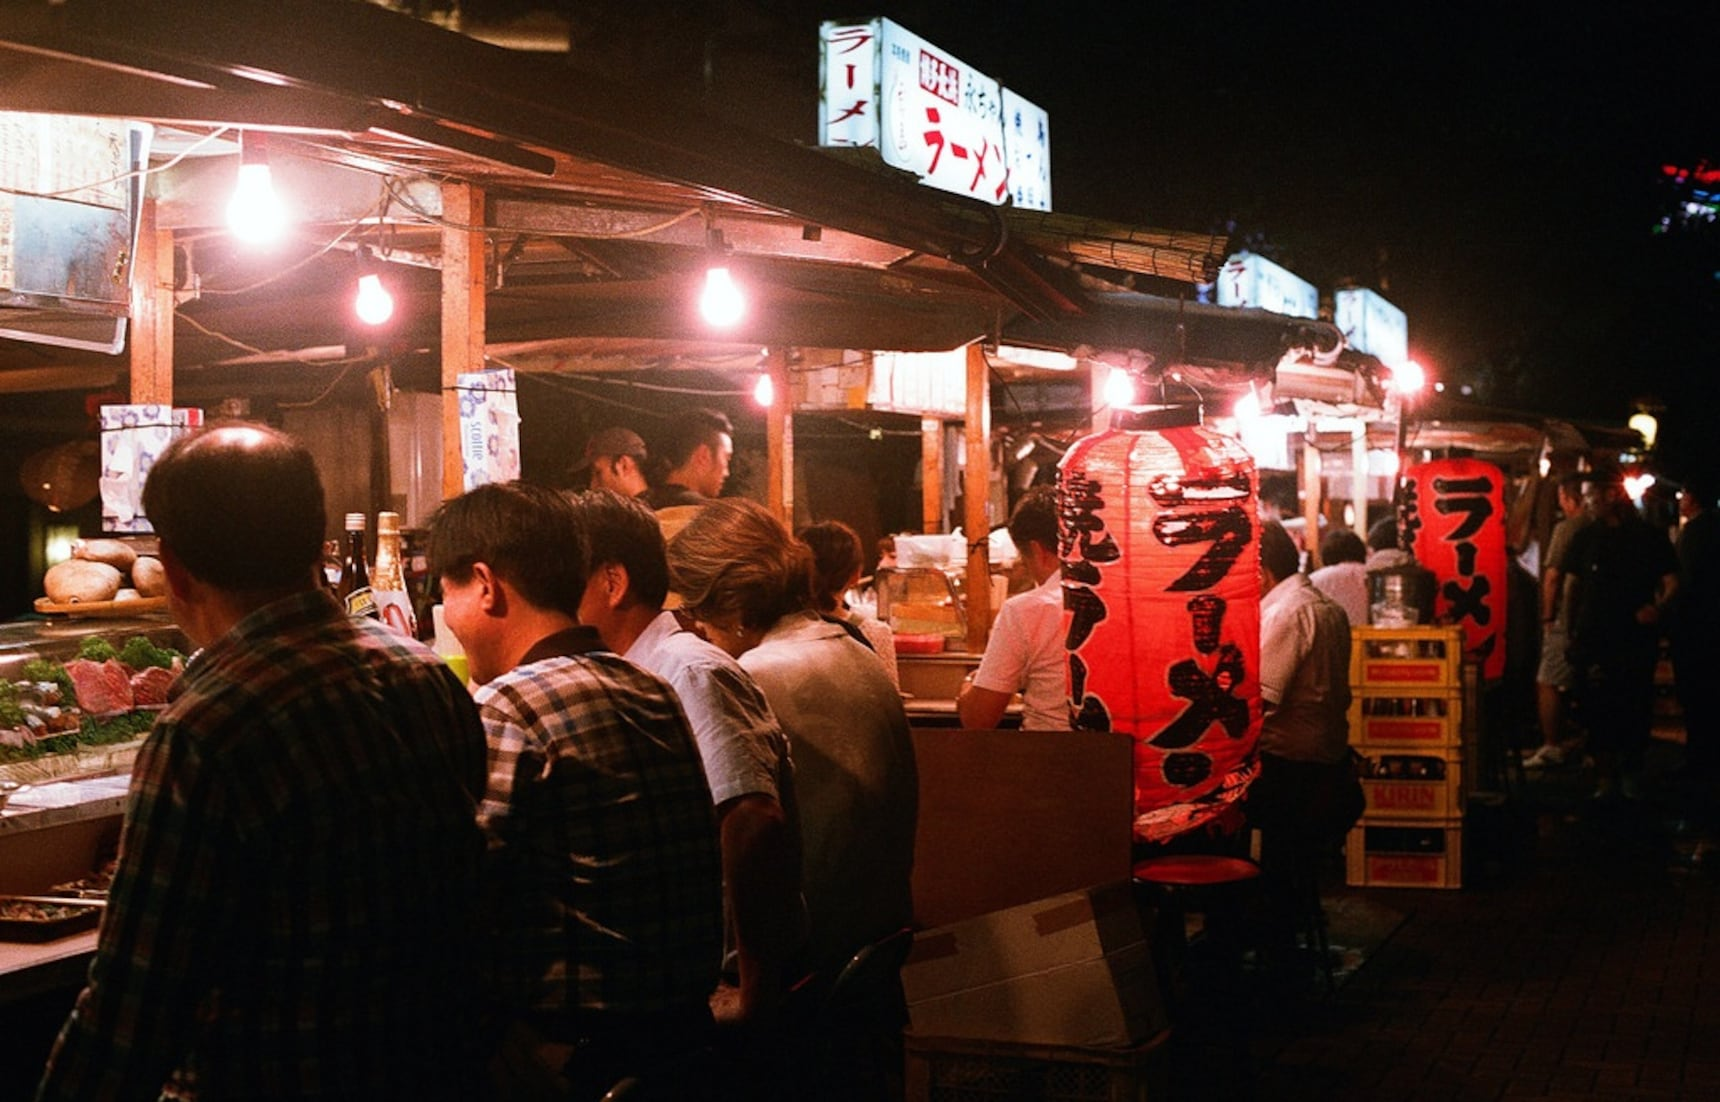 ชวนเที่ยวชิม 5 ย่านสตรีทฟู้ดของญี่ปุ่น